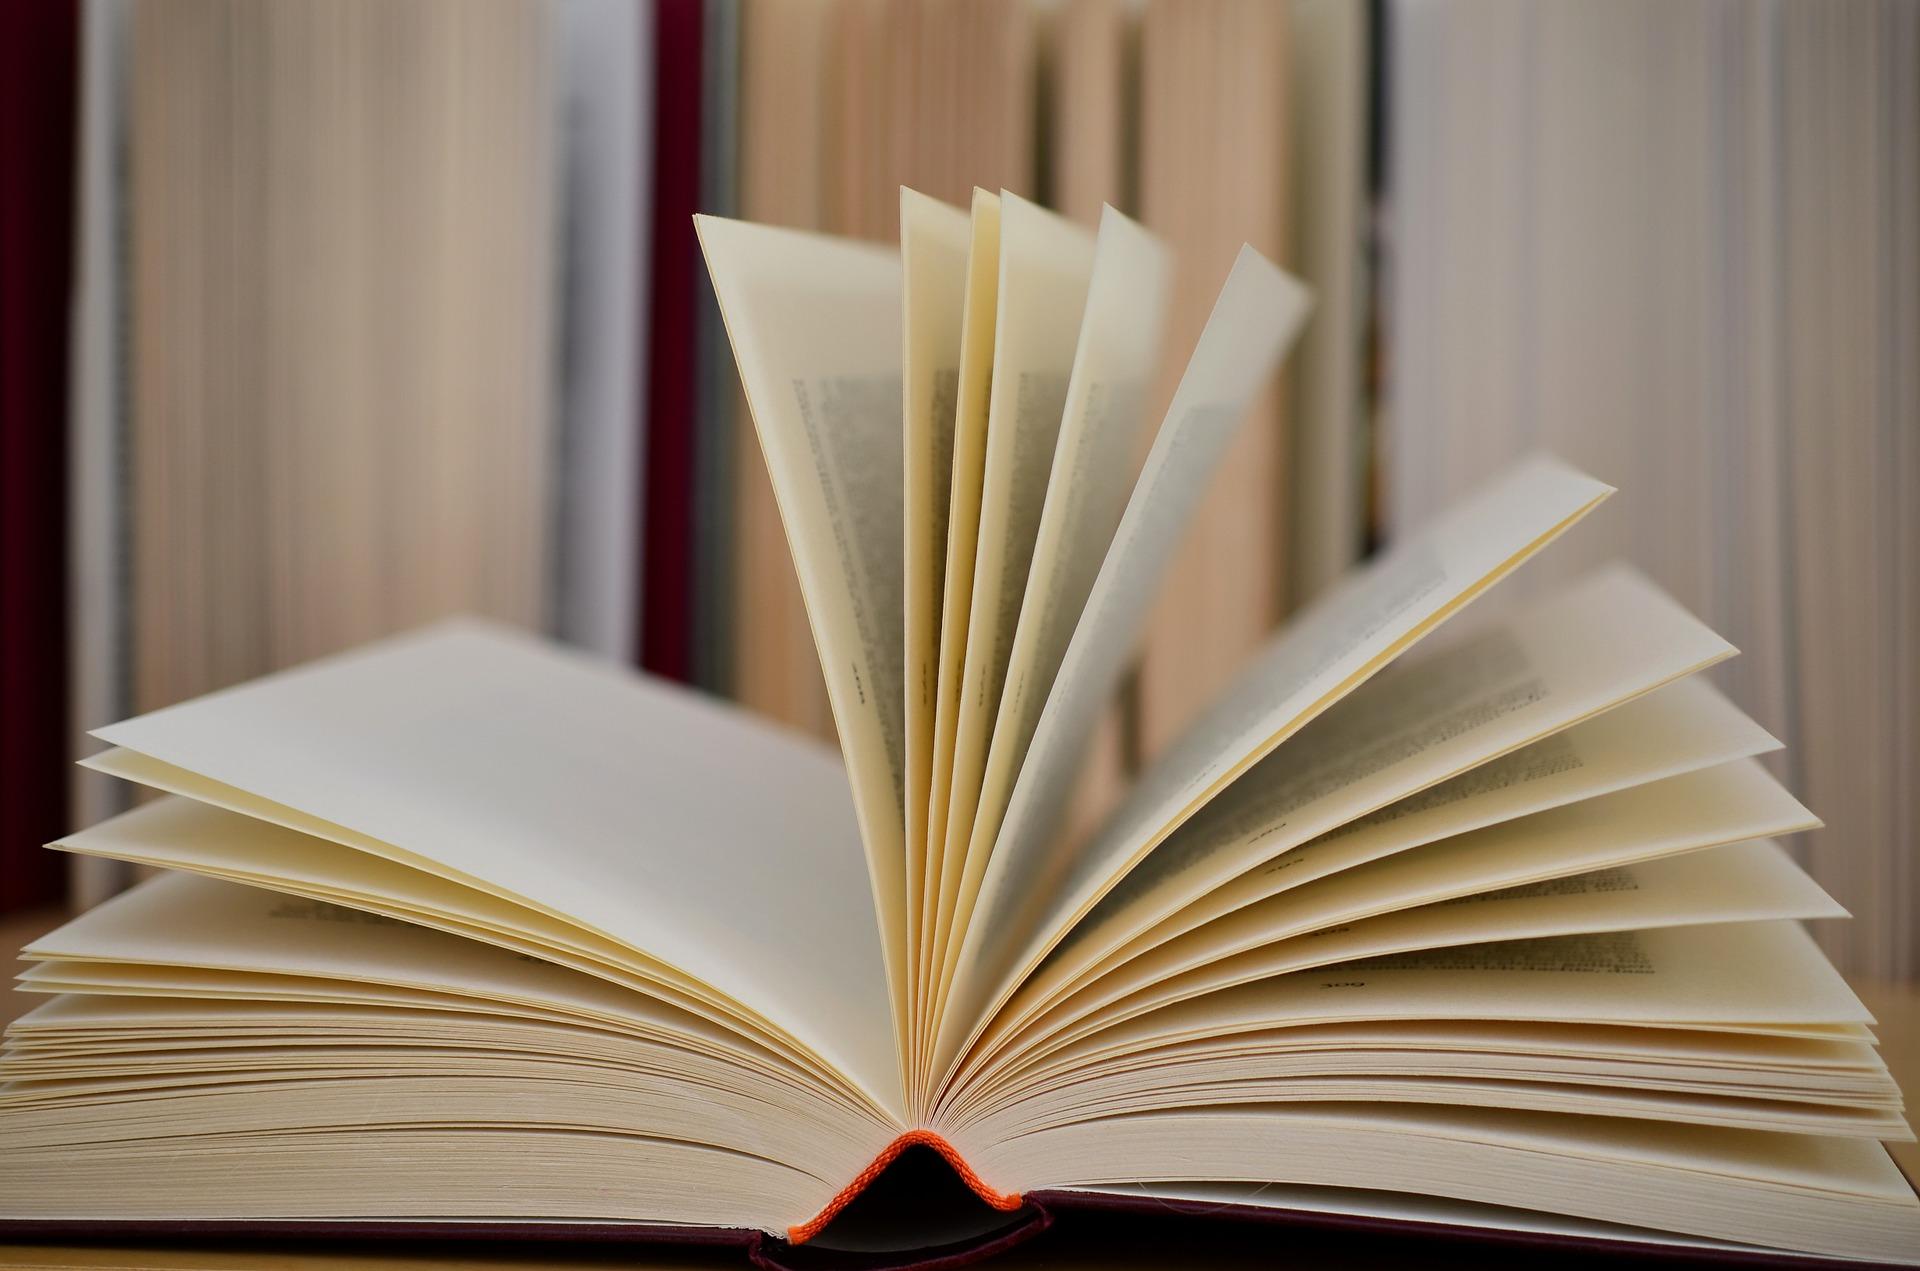 Книжная выставка состоится в Доме культуры «Ильичевка» в поселении Первомайское